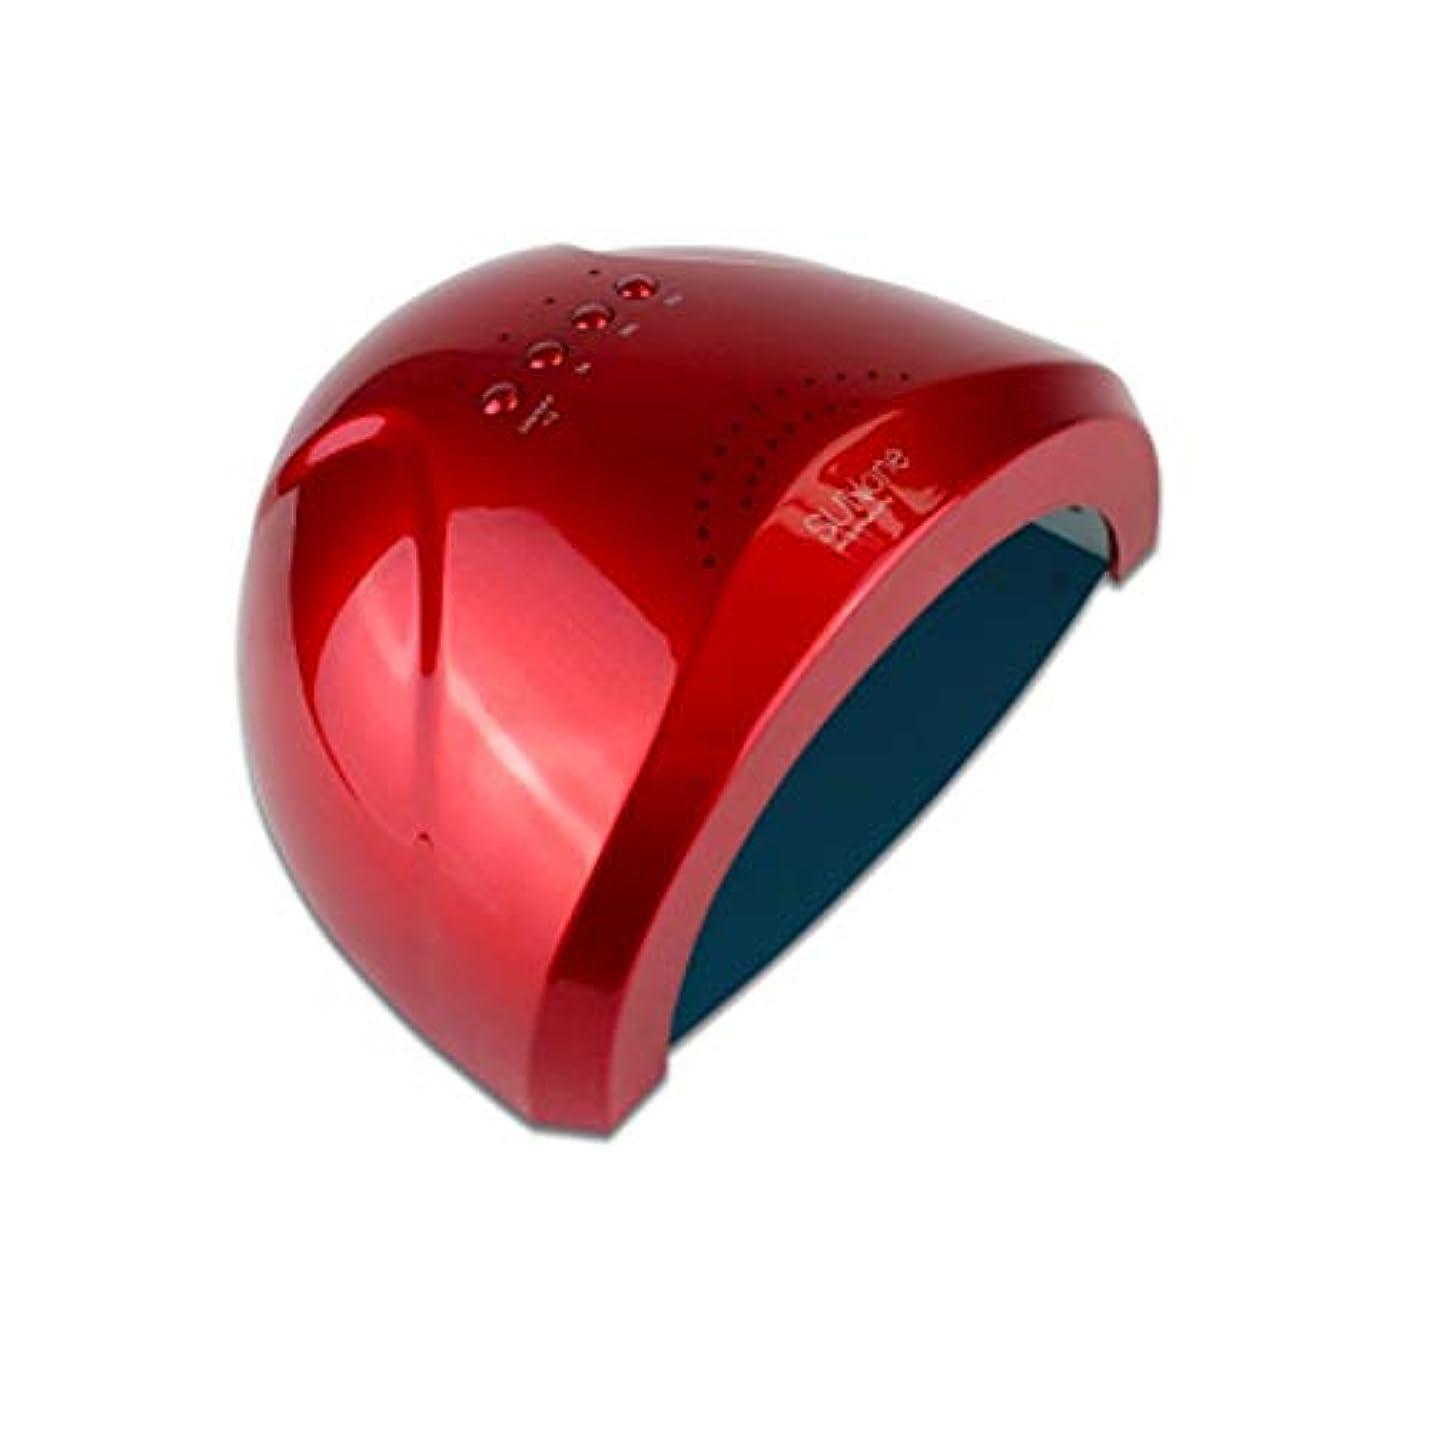 ディンカルビルピアミトンUV LEDネイルライト、ゲル研磨用48ワットクイックネイルドライヤー、3タイマー設定付きネイルライト、自動センサー,Red